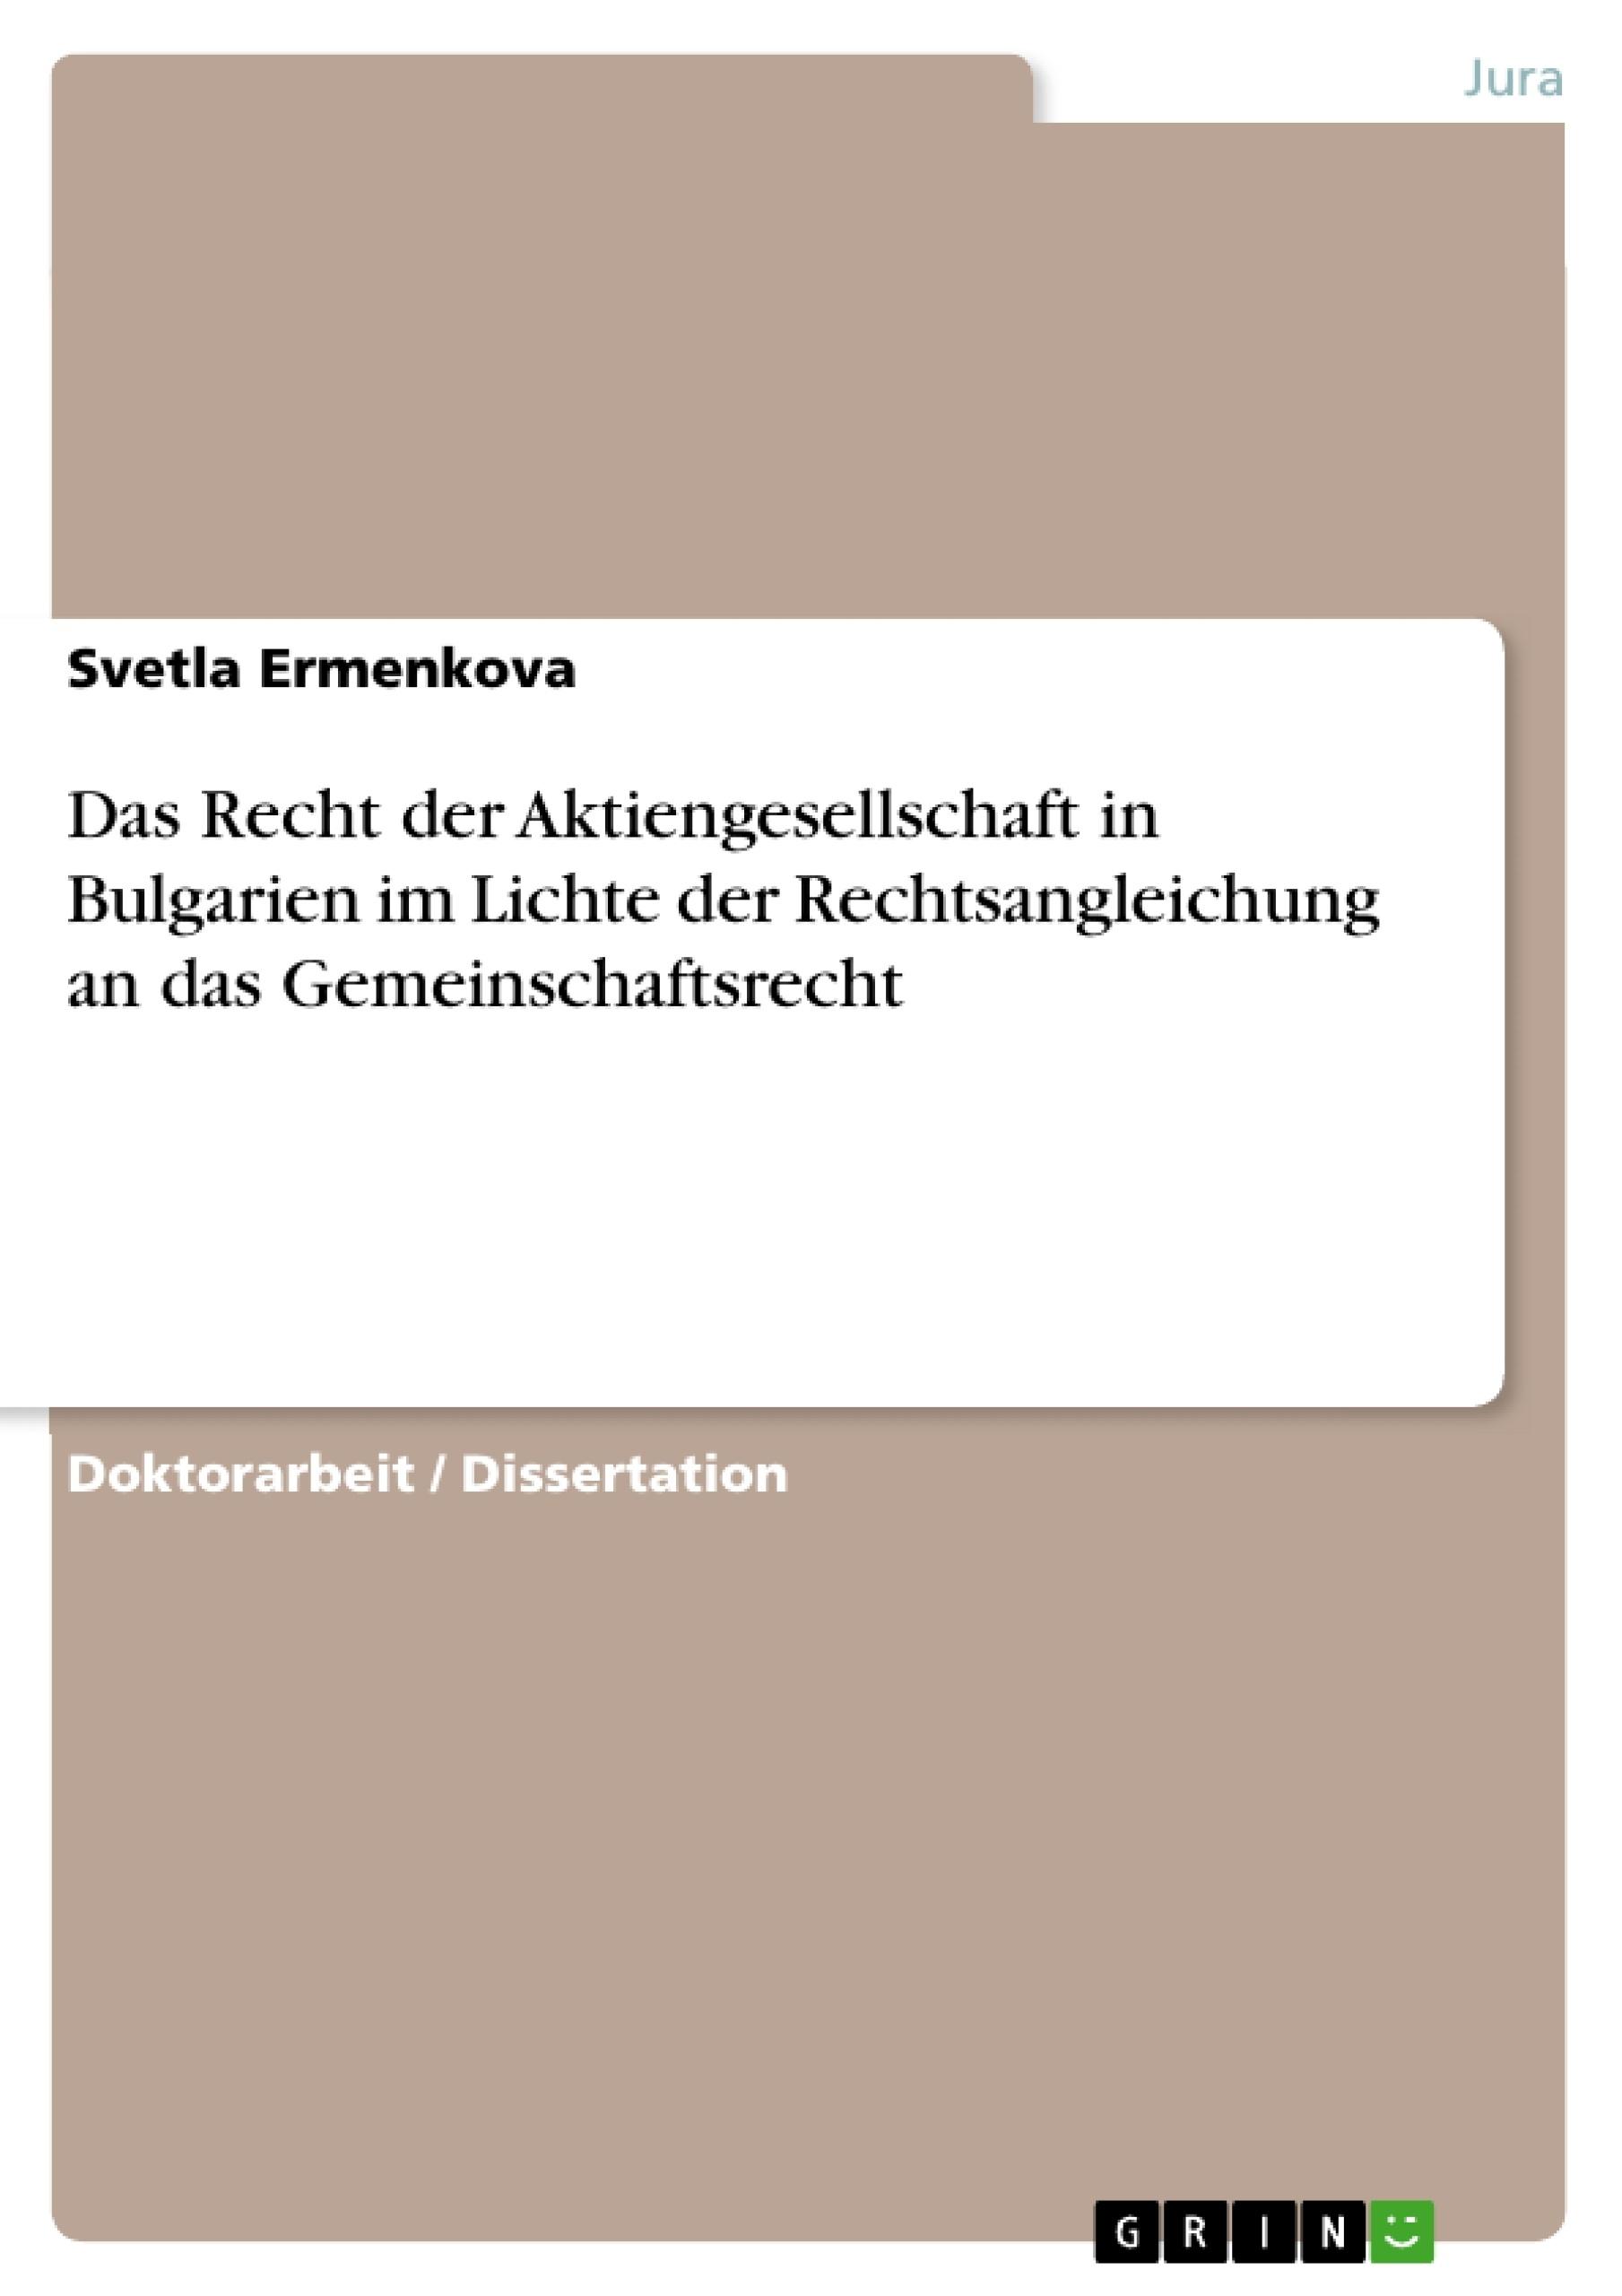 Titel: Das Recht der Aktiengesellschaft in Bulgarien im Lichte der Rechtsangleichung an das Gemeinschaftsrecht